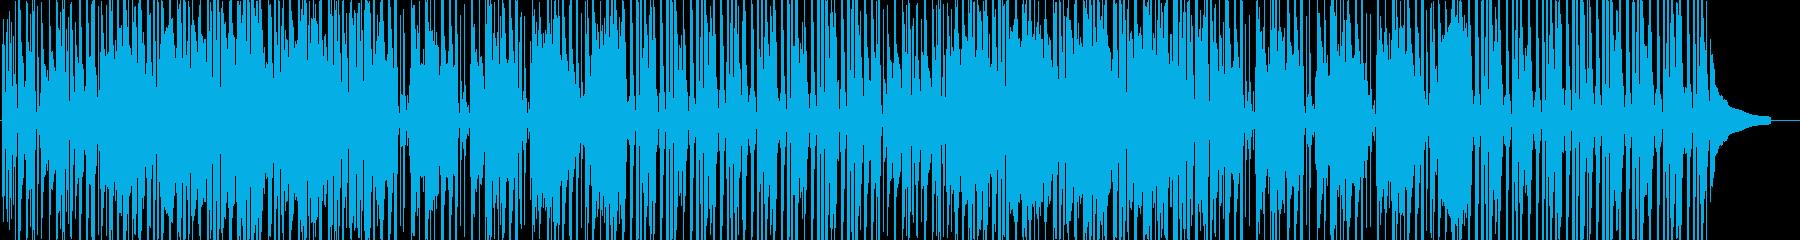 気持ちが弾む軽快なアコースティックポップの再生済みの波形